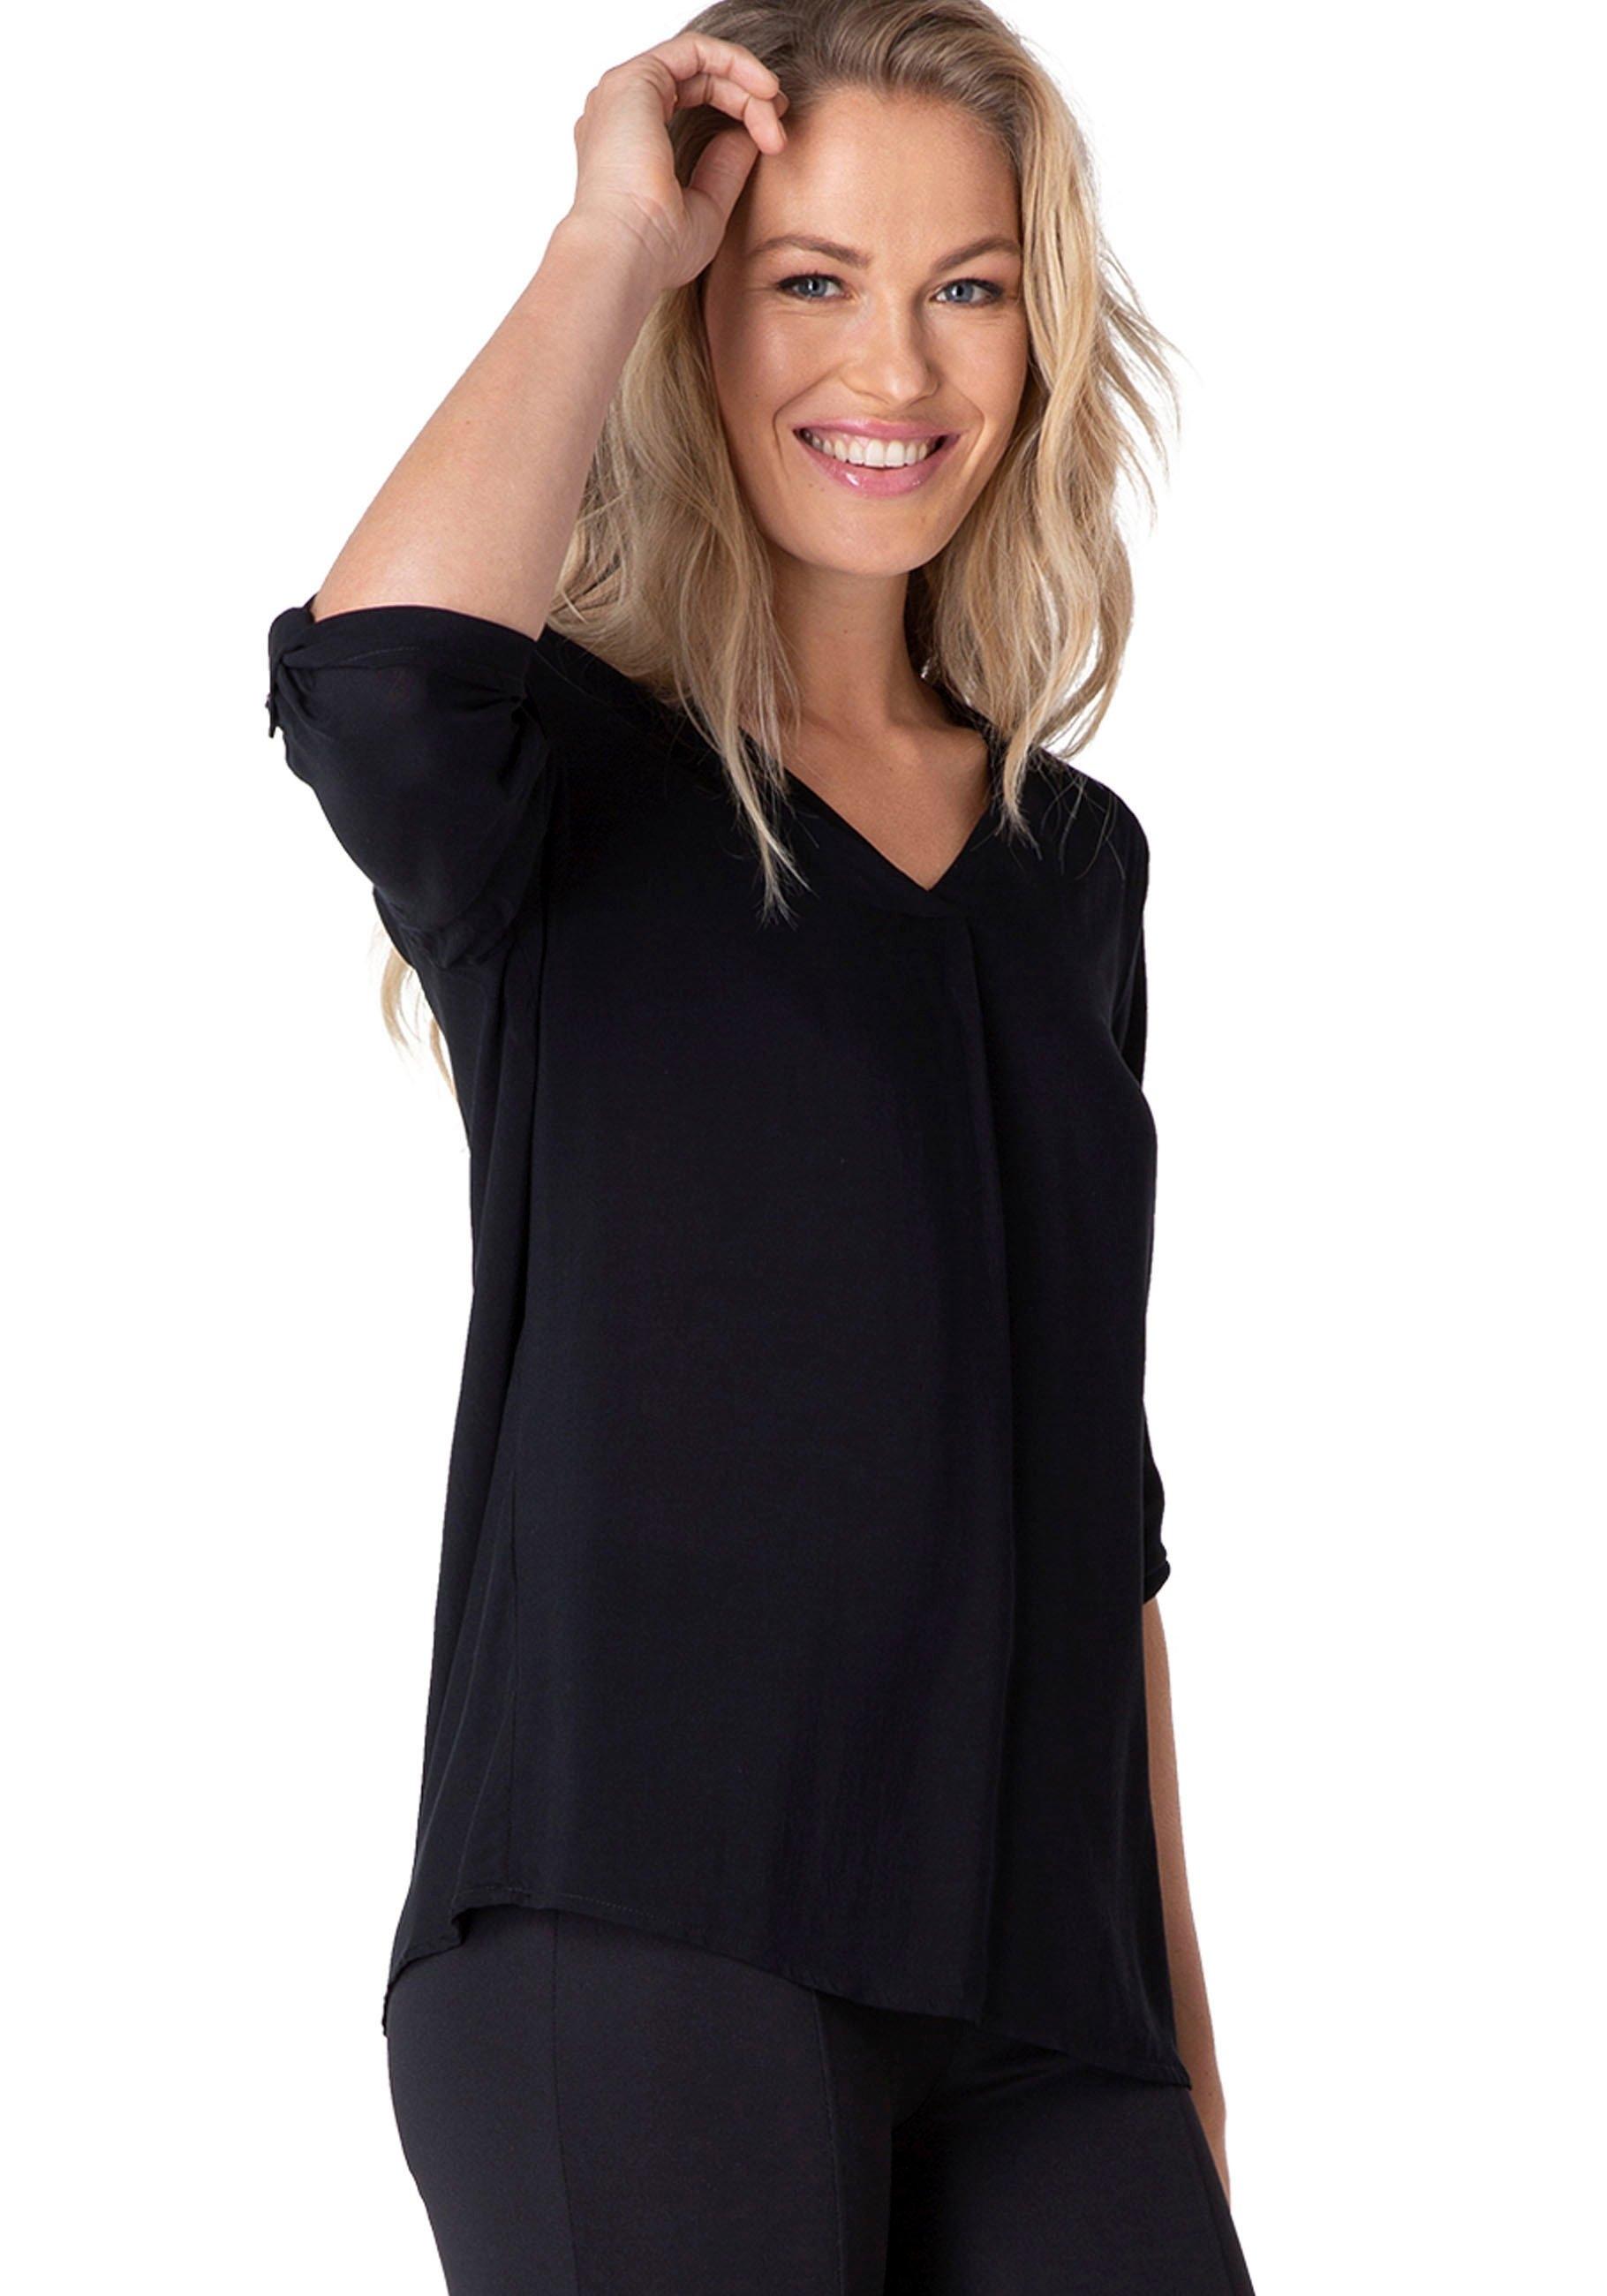 BSIC by Yest blouse zonder sluiting »Yill« goedkoop op otto.nl kopen